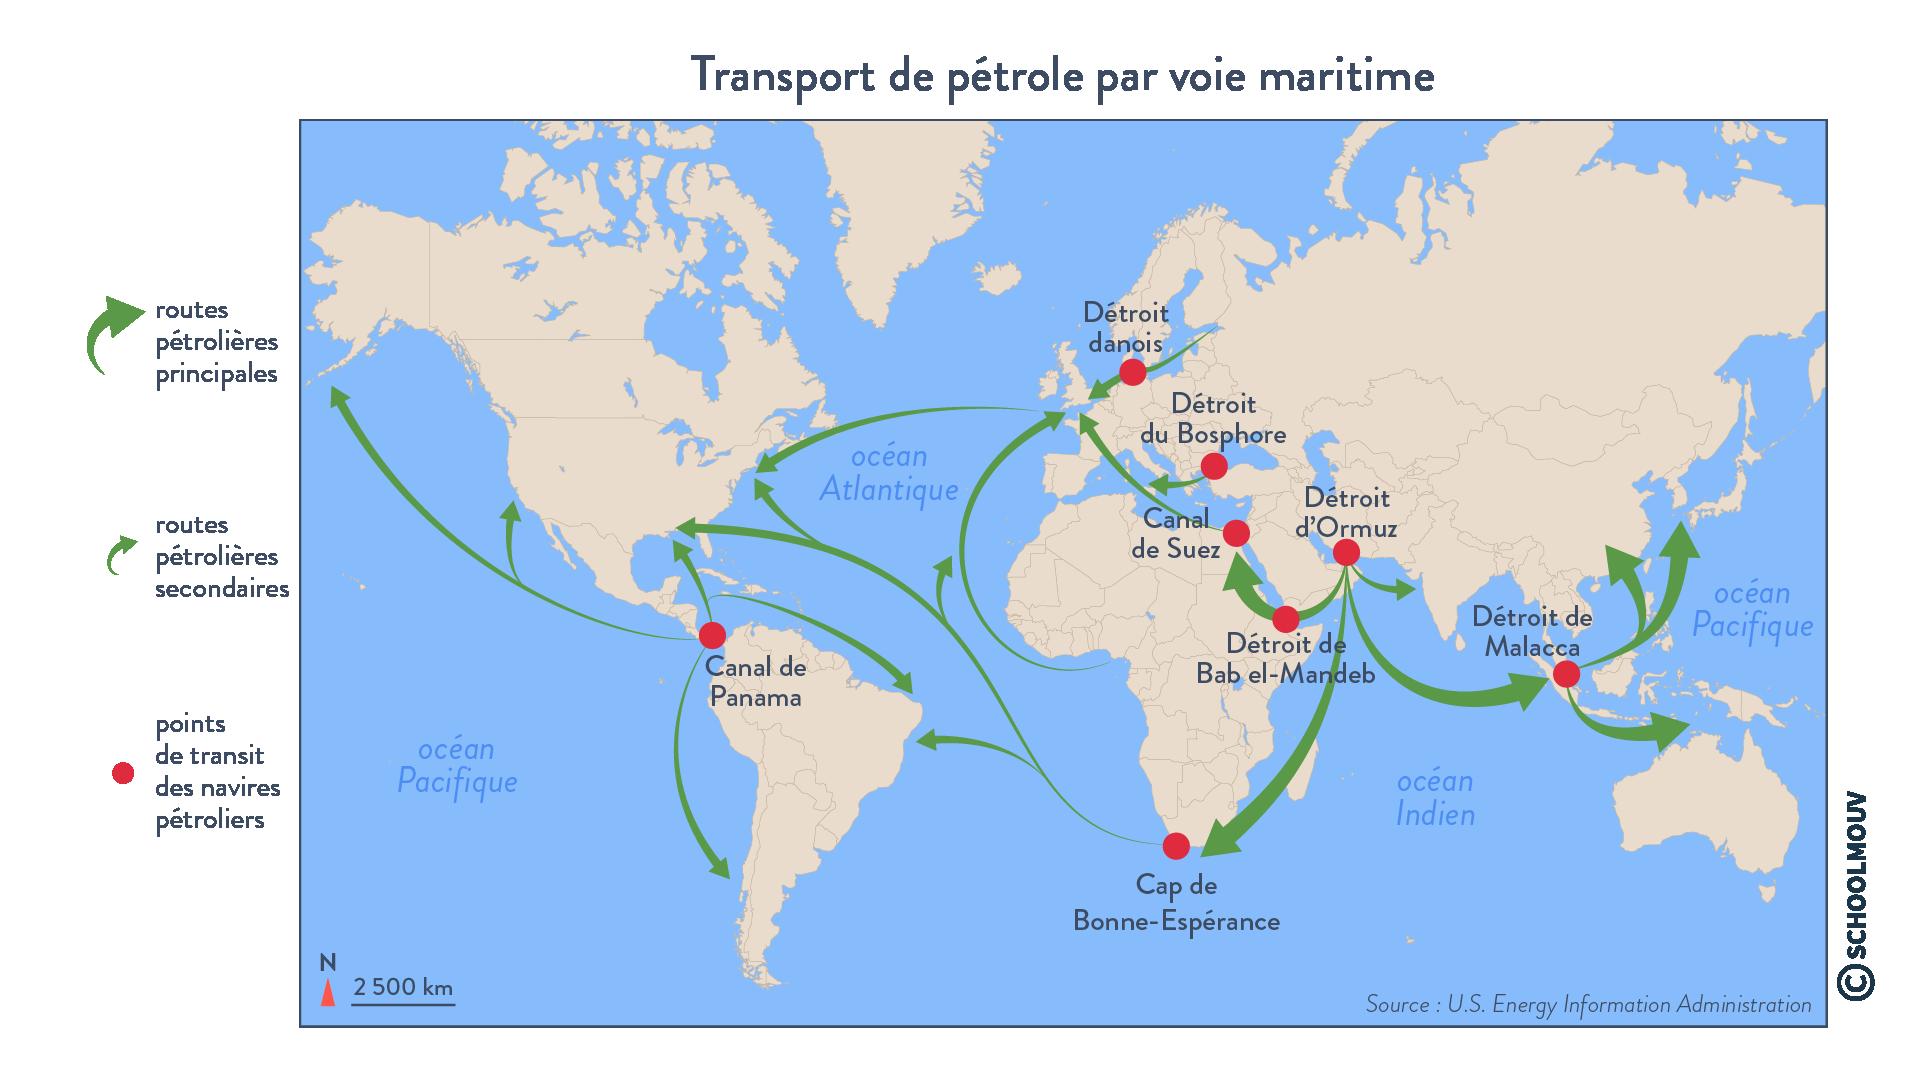 Transport de pétrole par voie maritime - géographie - terminale - SchoolMouv